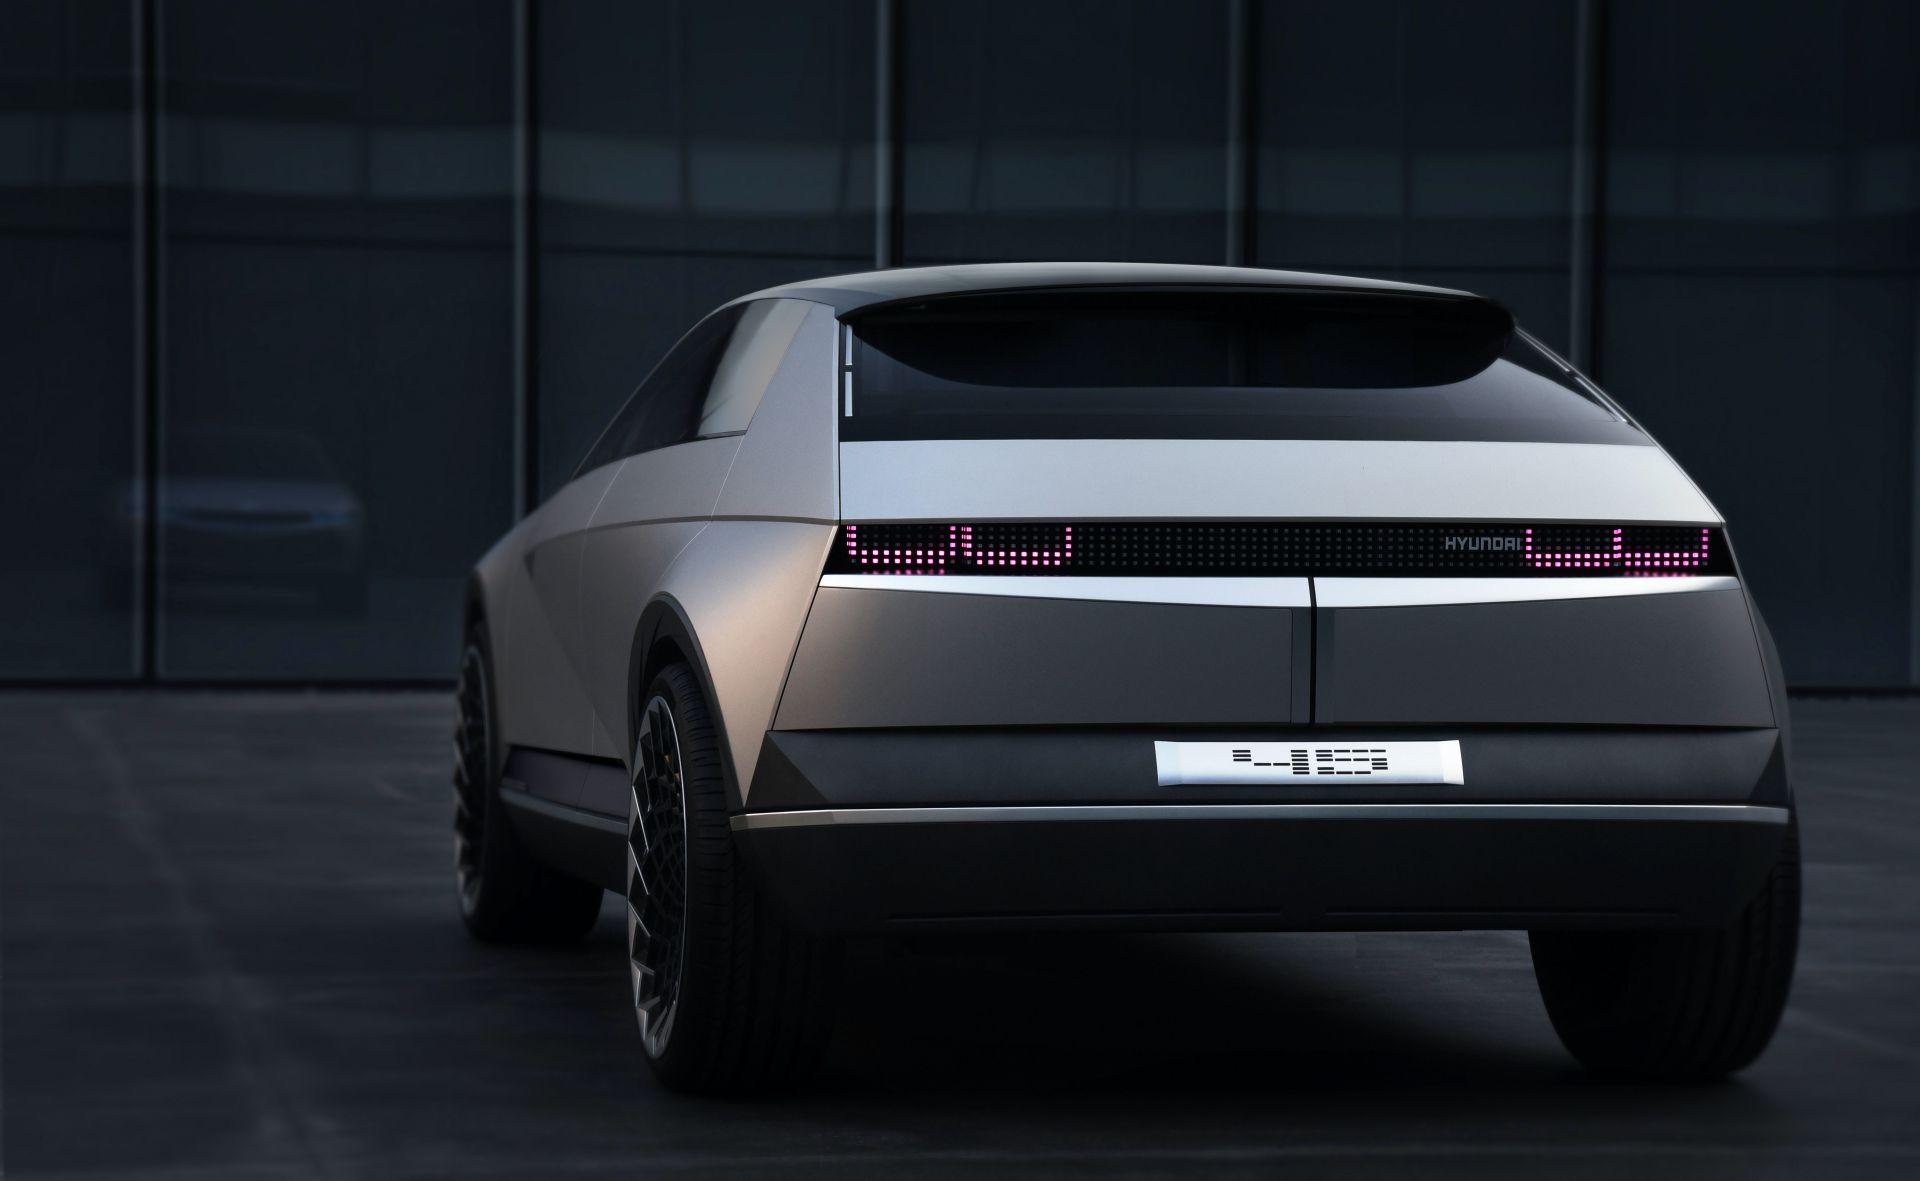 Hyundai Concept 45